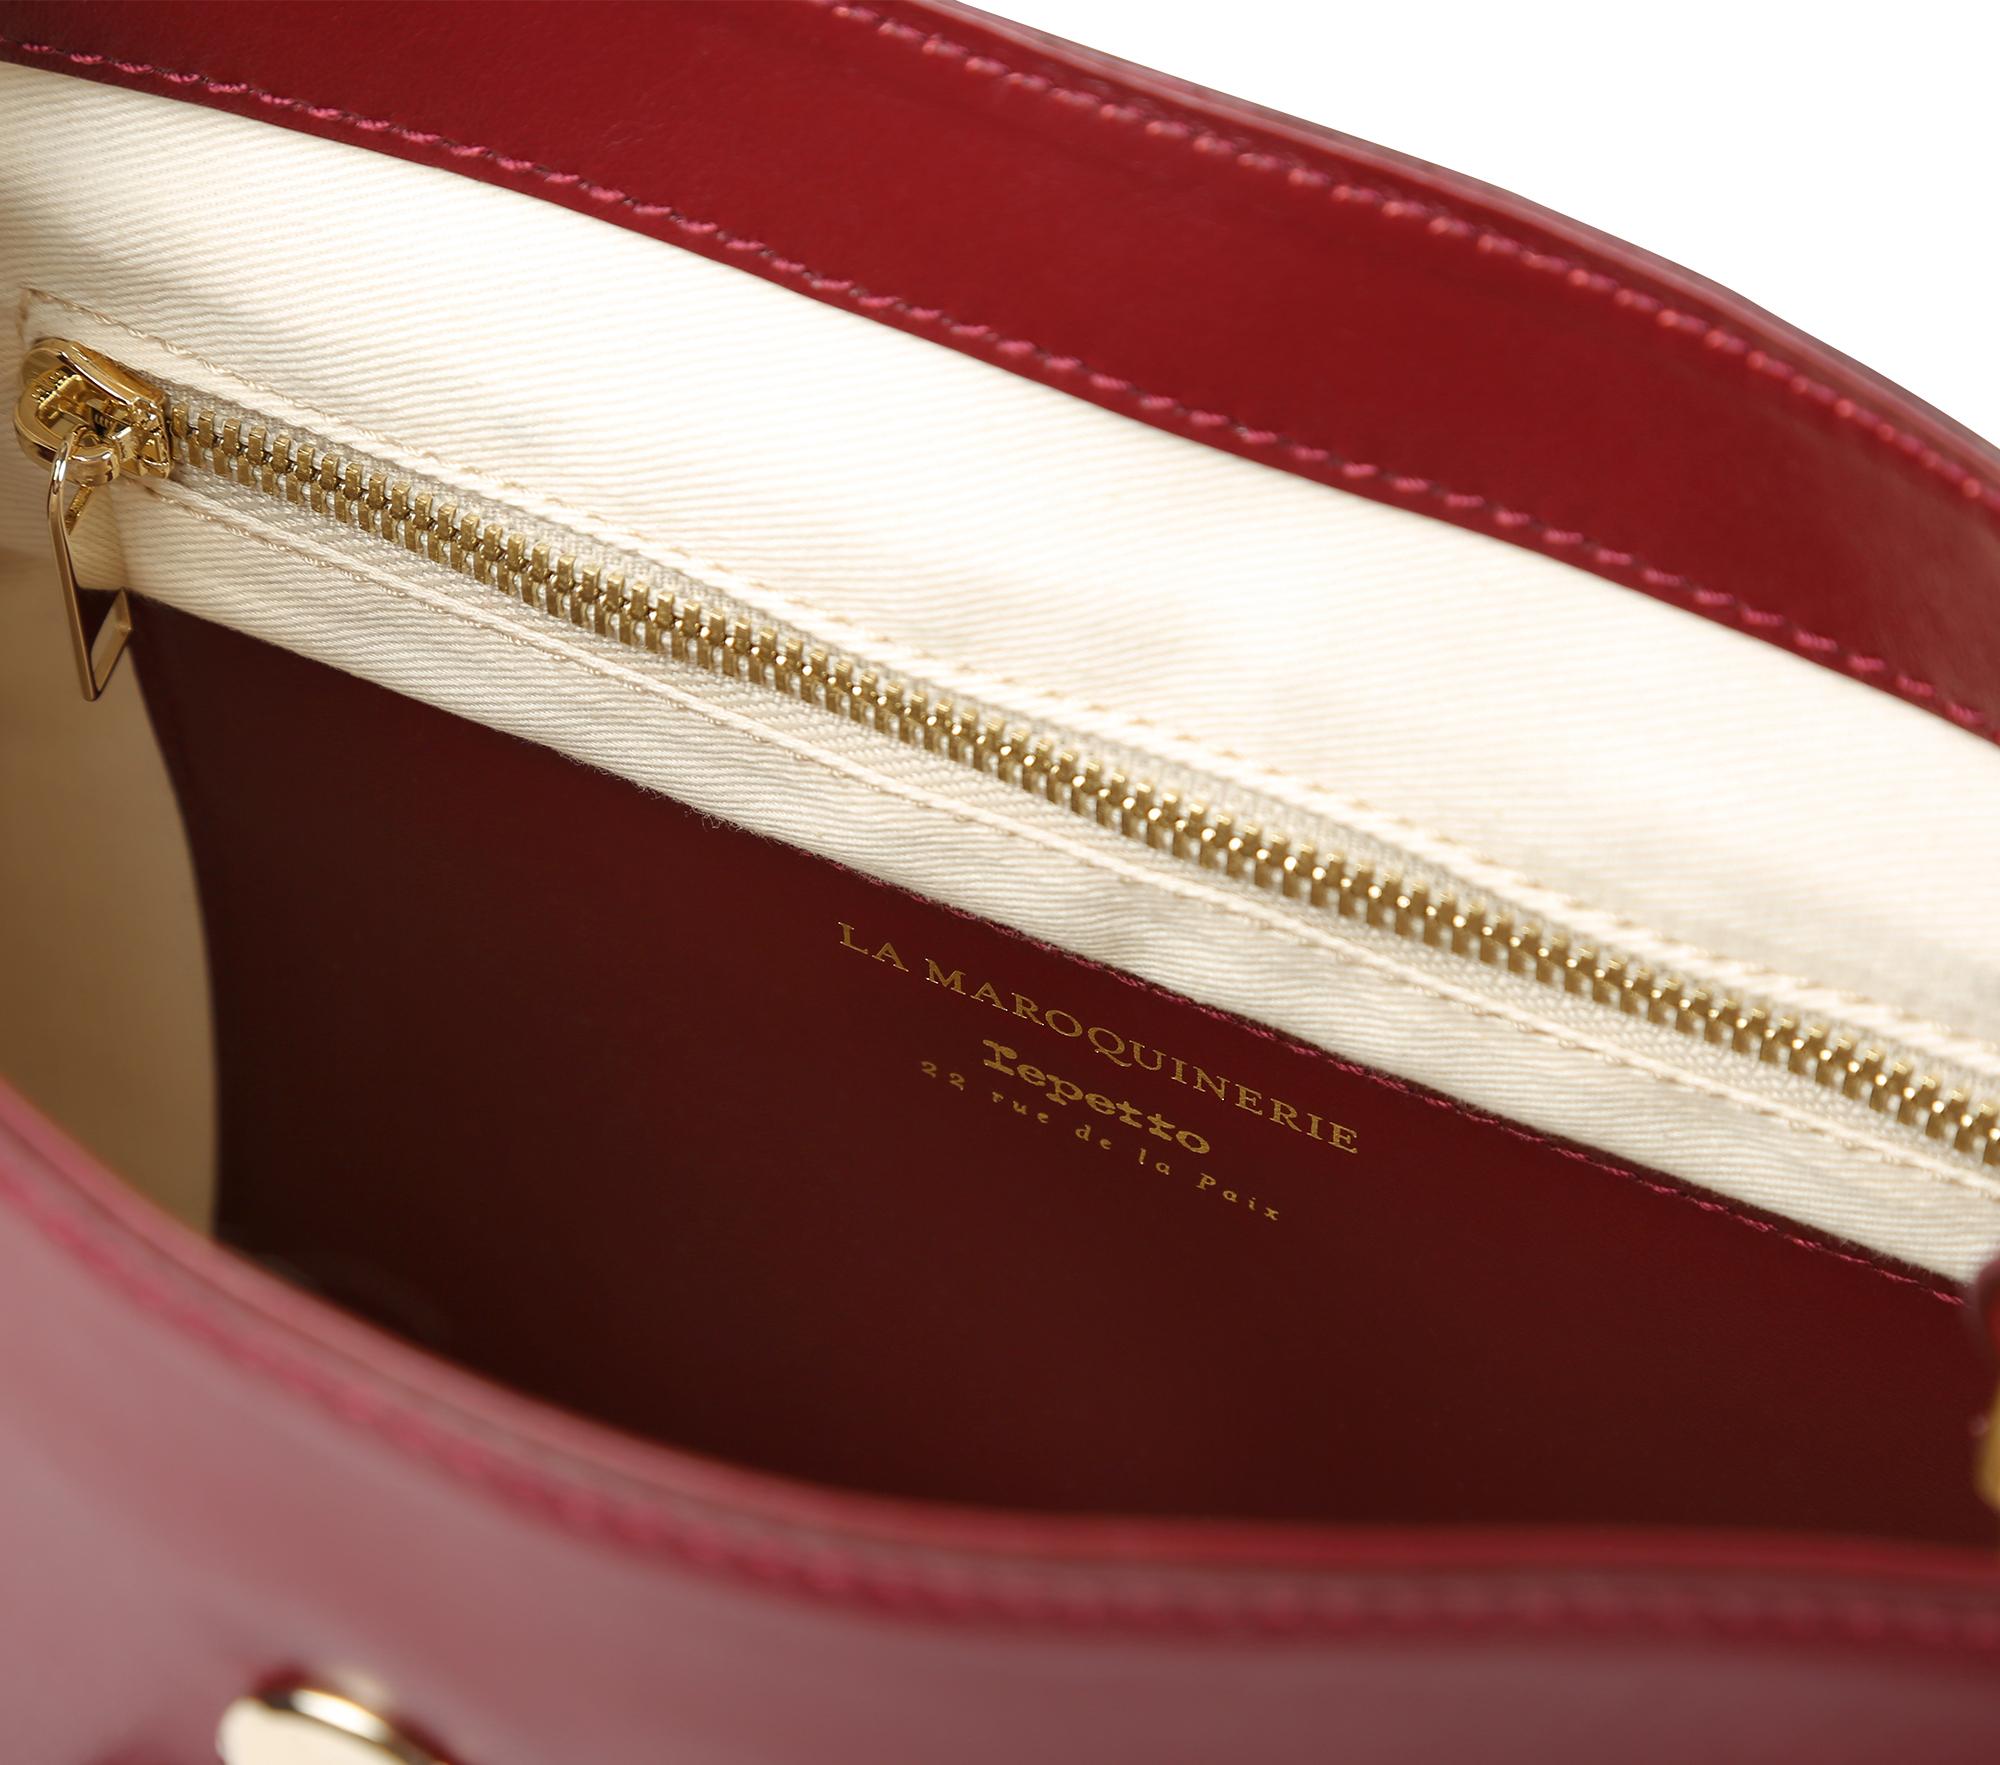 Jupon bag Large size